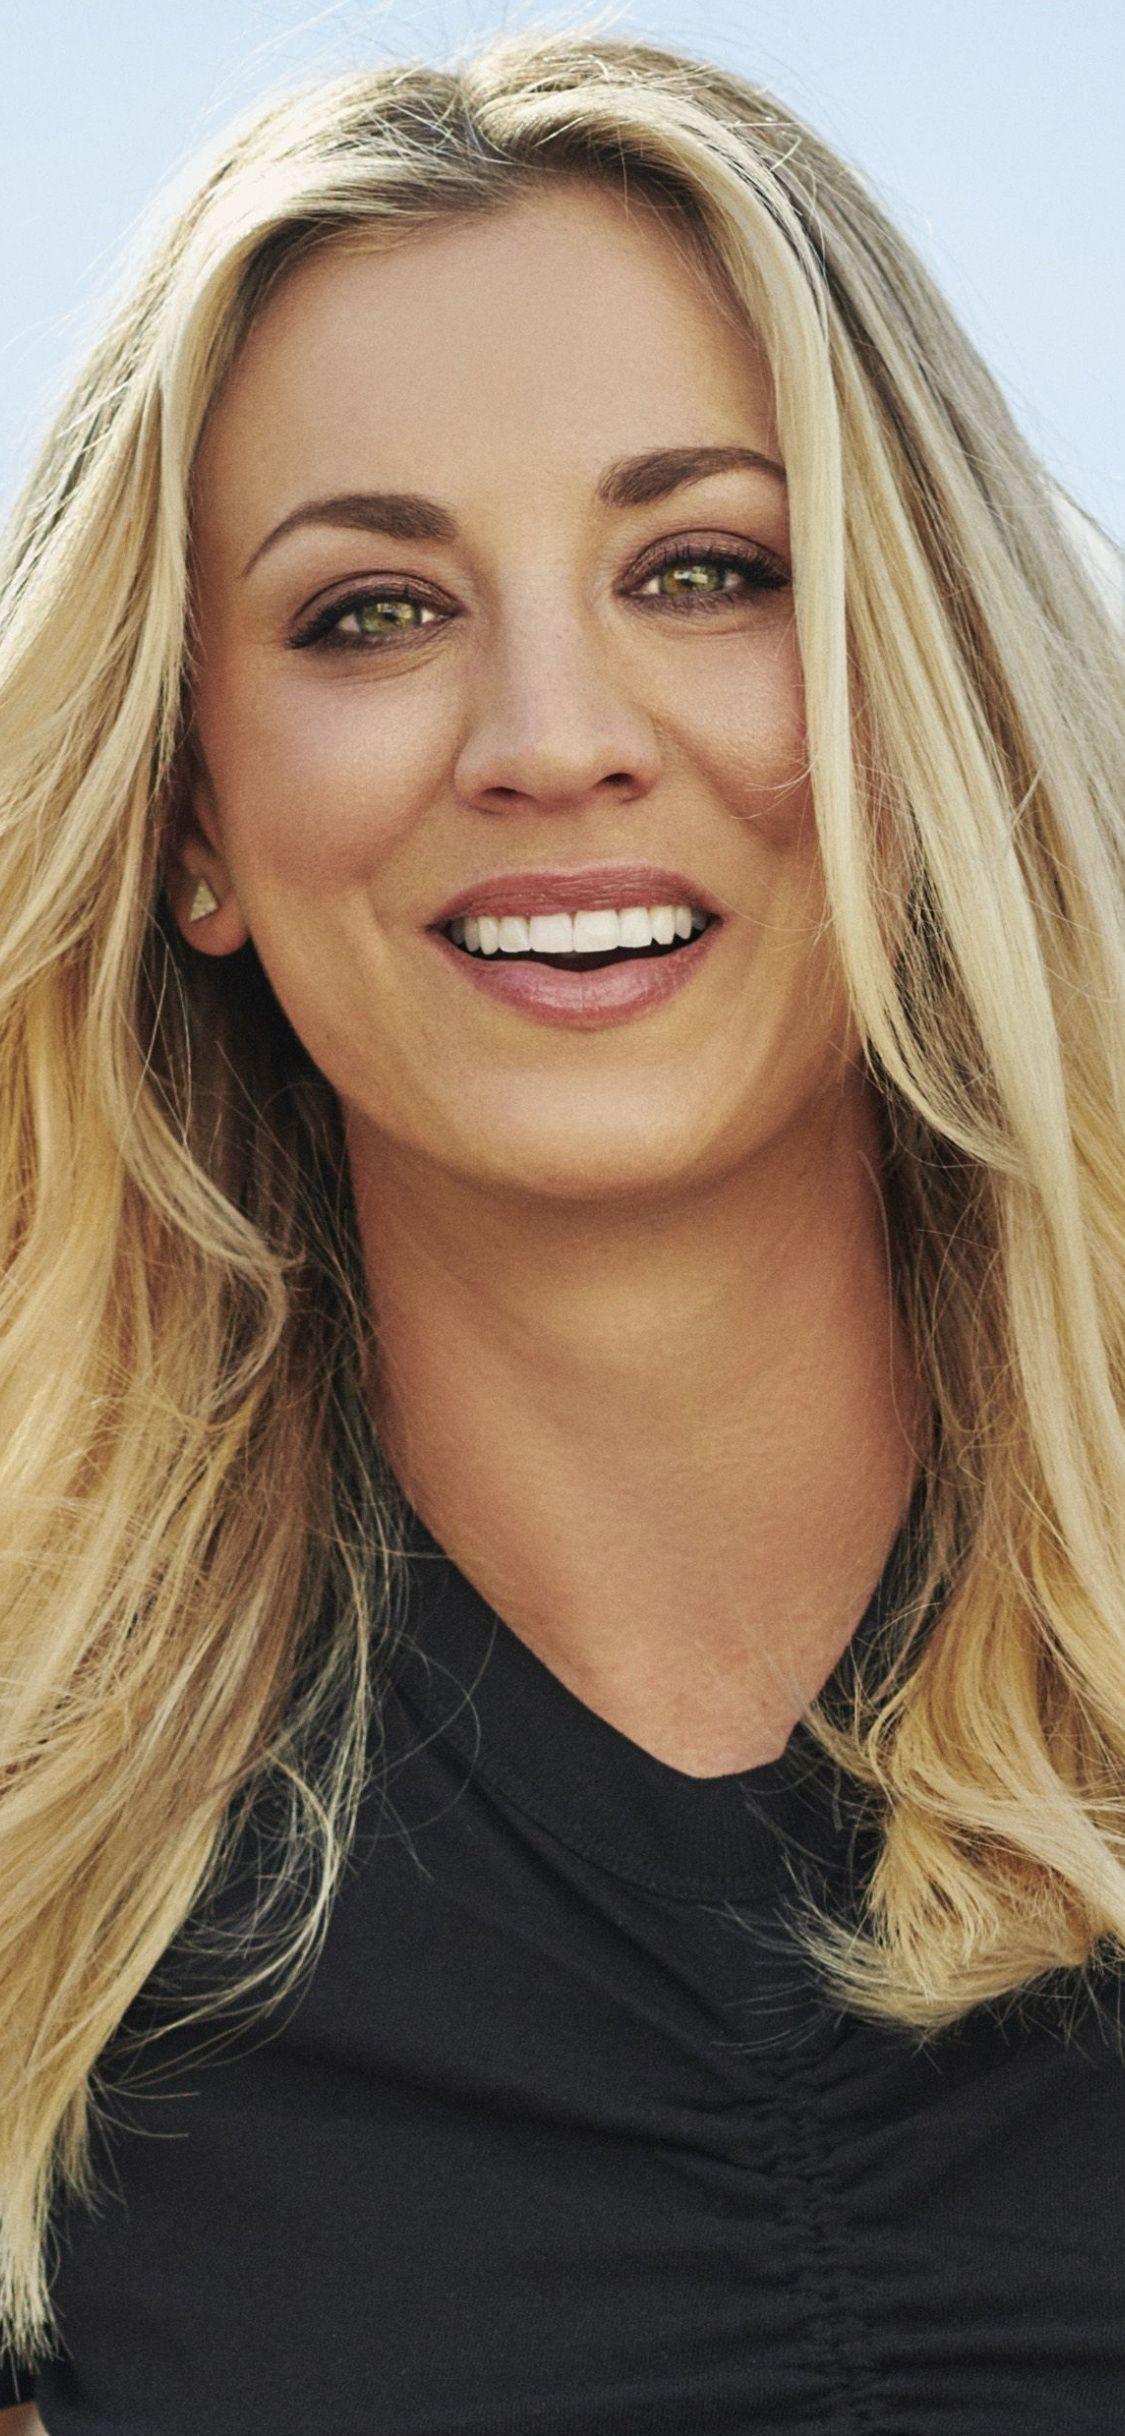 Kaley Cuoco, smile, actress, 2018, 1125x2436 wallpaper ...